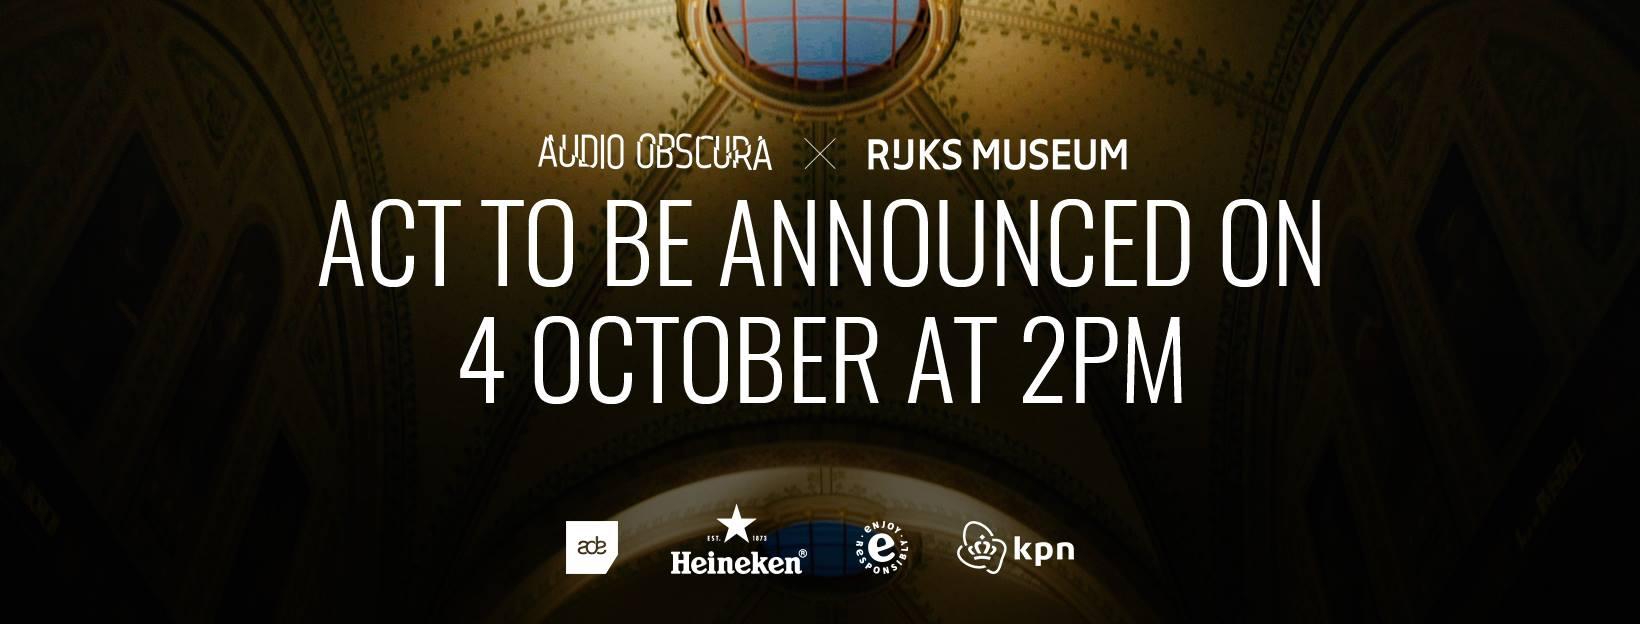 네덜란드 암스테르담 댄스 페스티벌 무료 이벤트 (10월 20일)